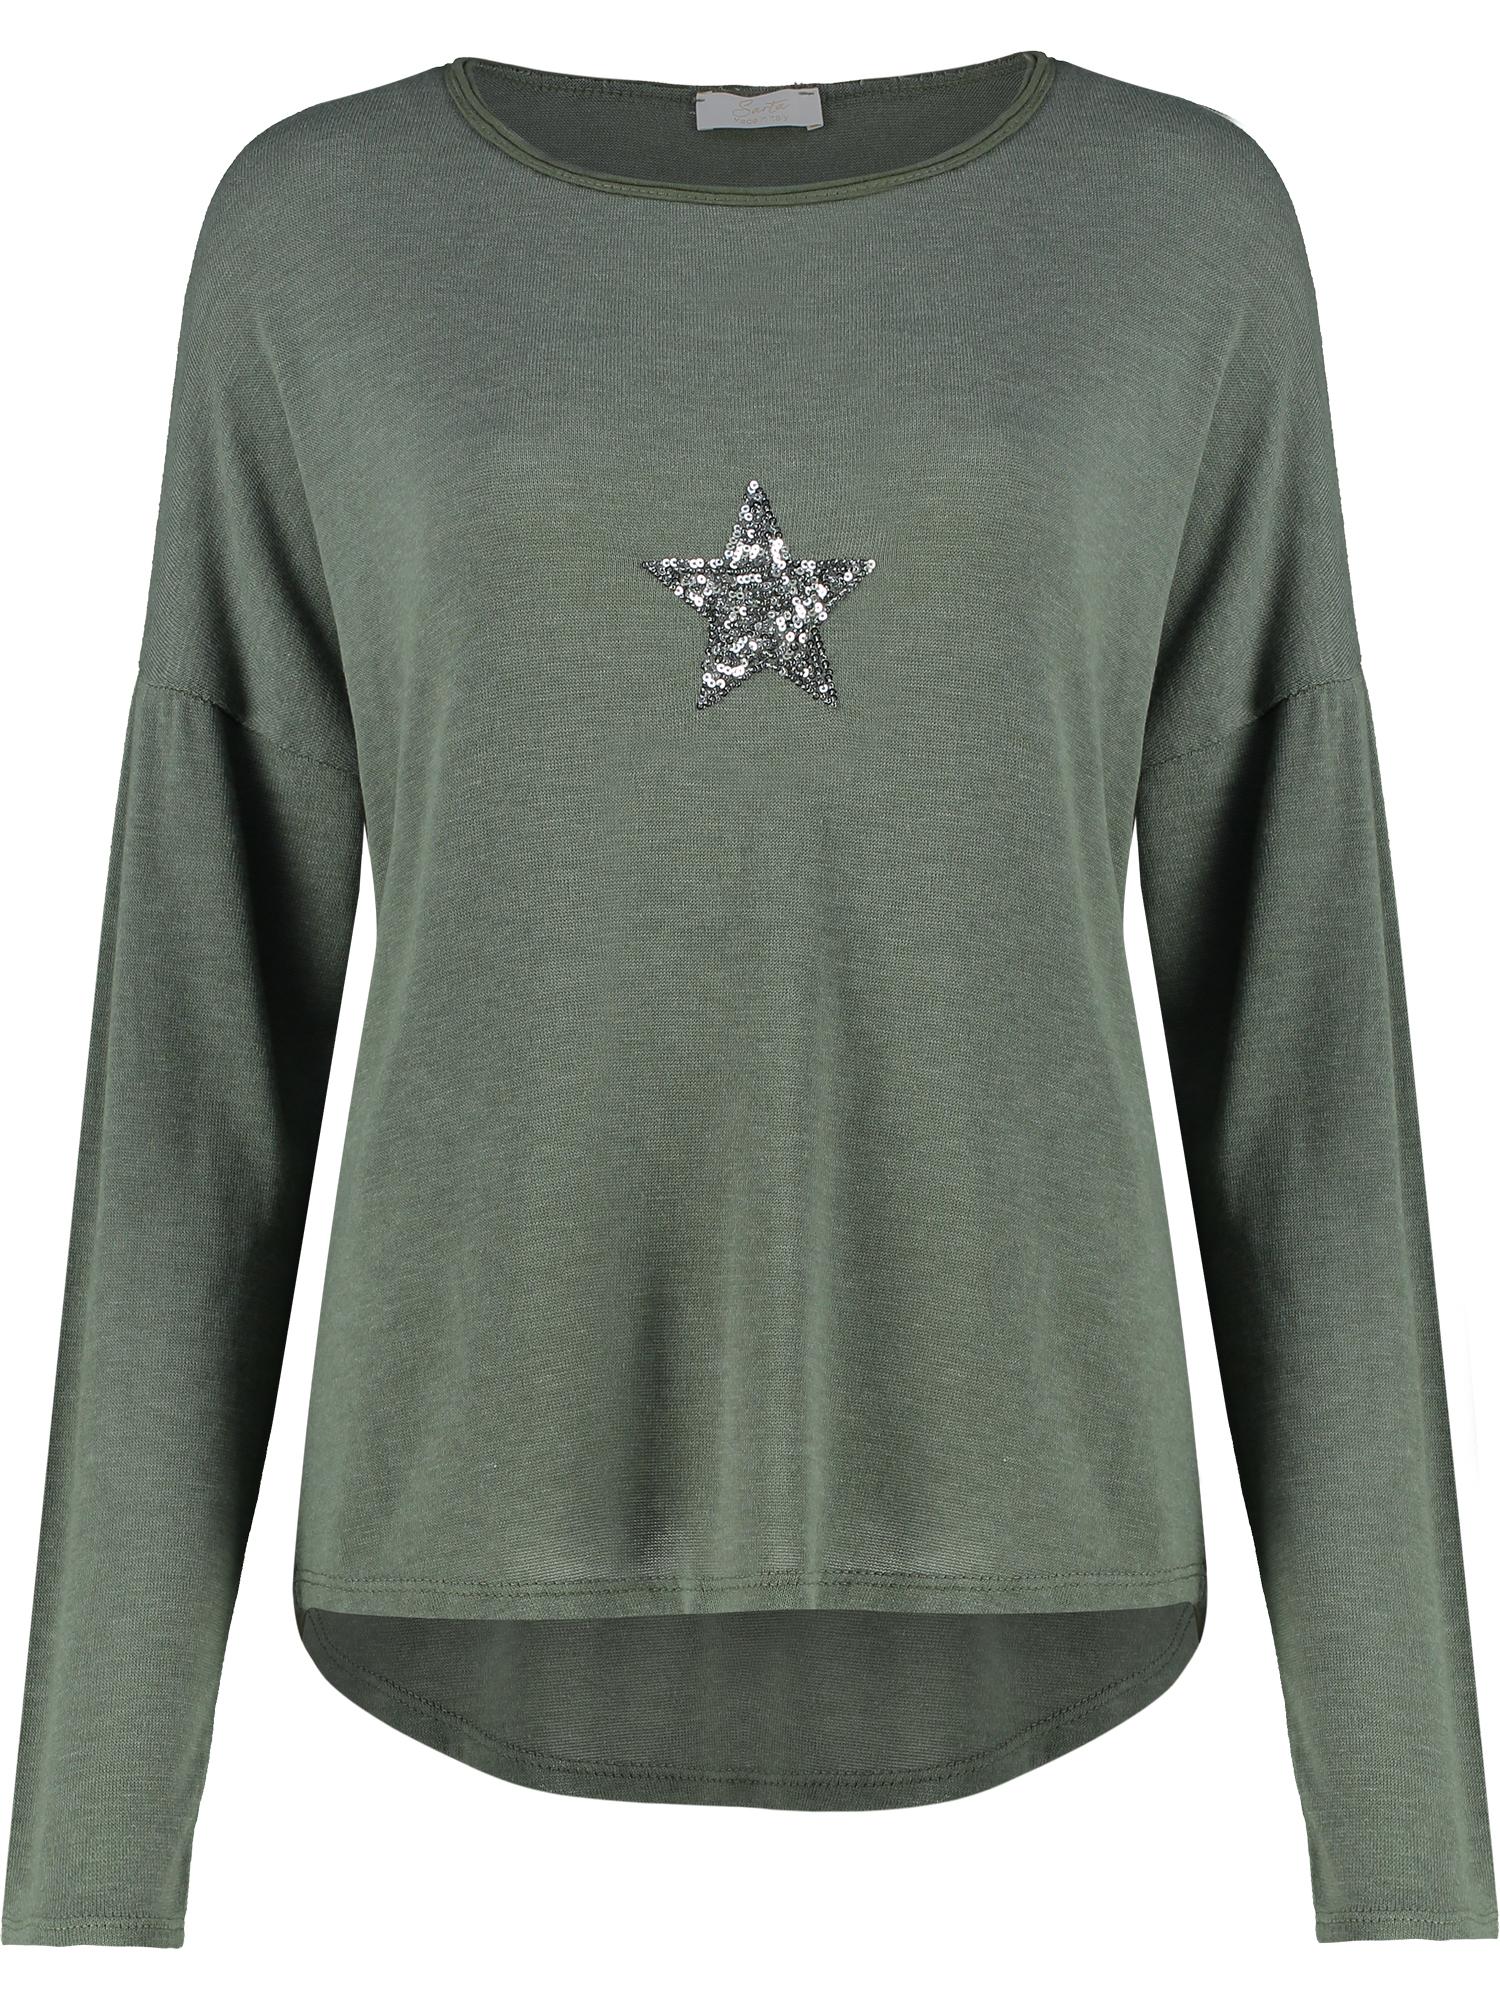 Khaki Long Sleeve T with Star